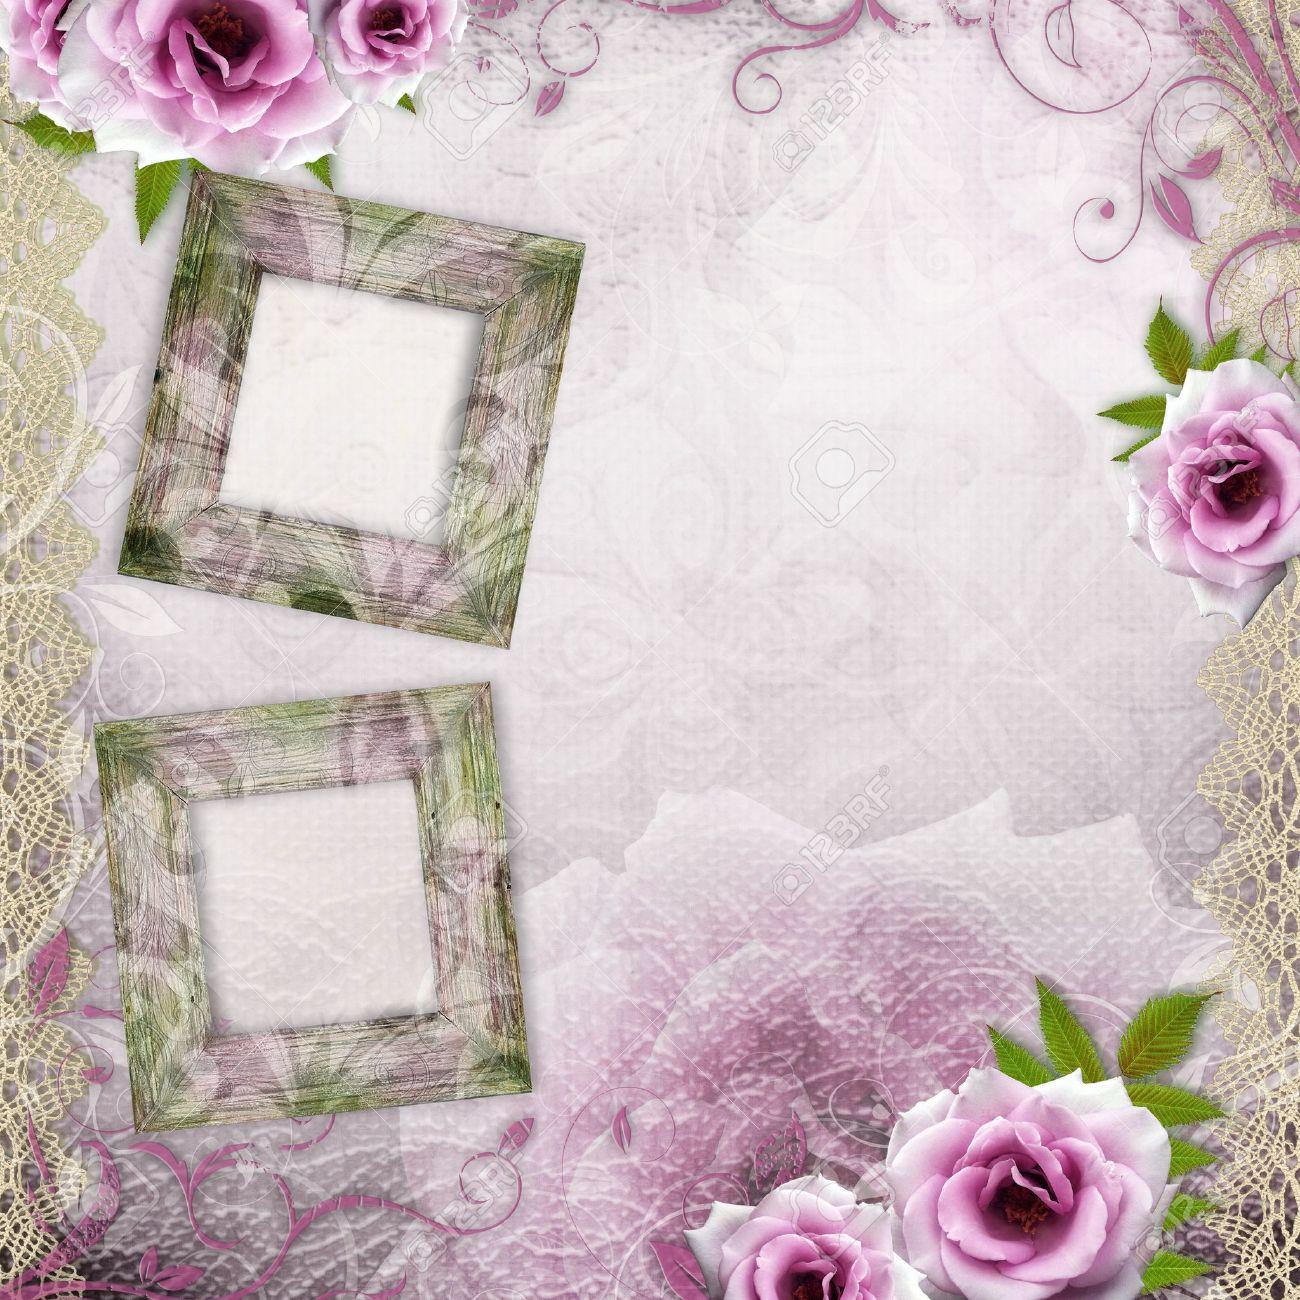 Fondo Blanco Hermoso De La Boda Con Rosas De Color Púrpura Y Los ...